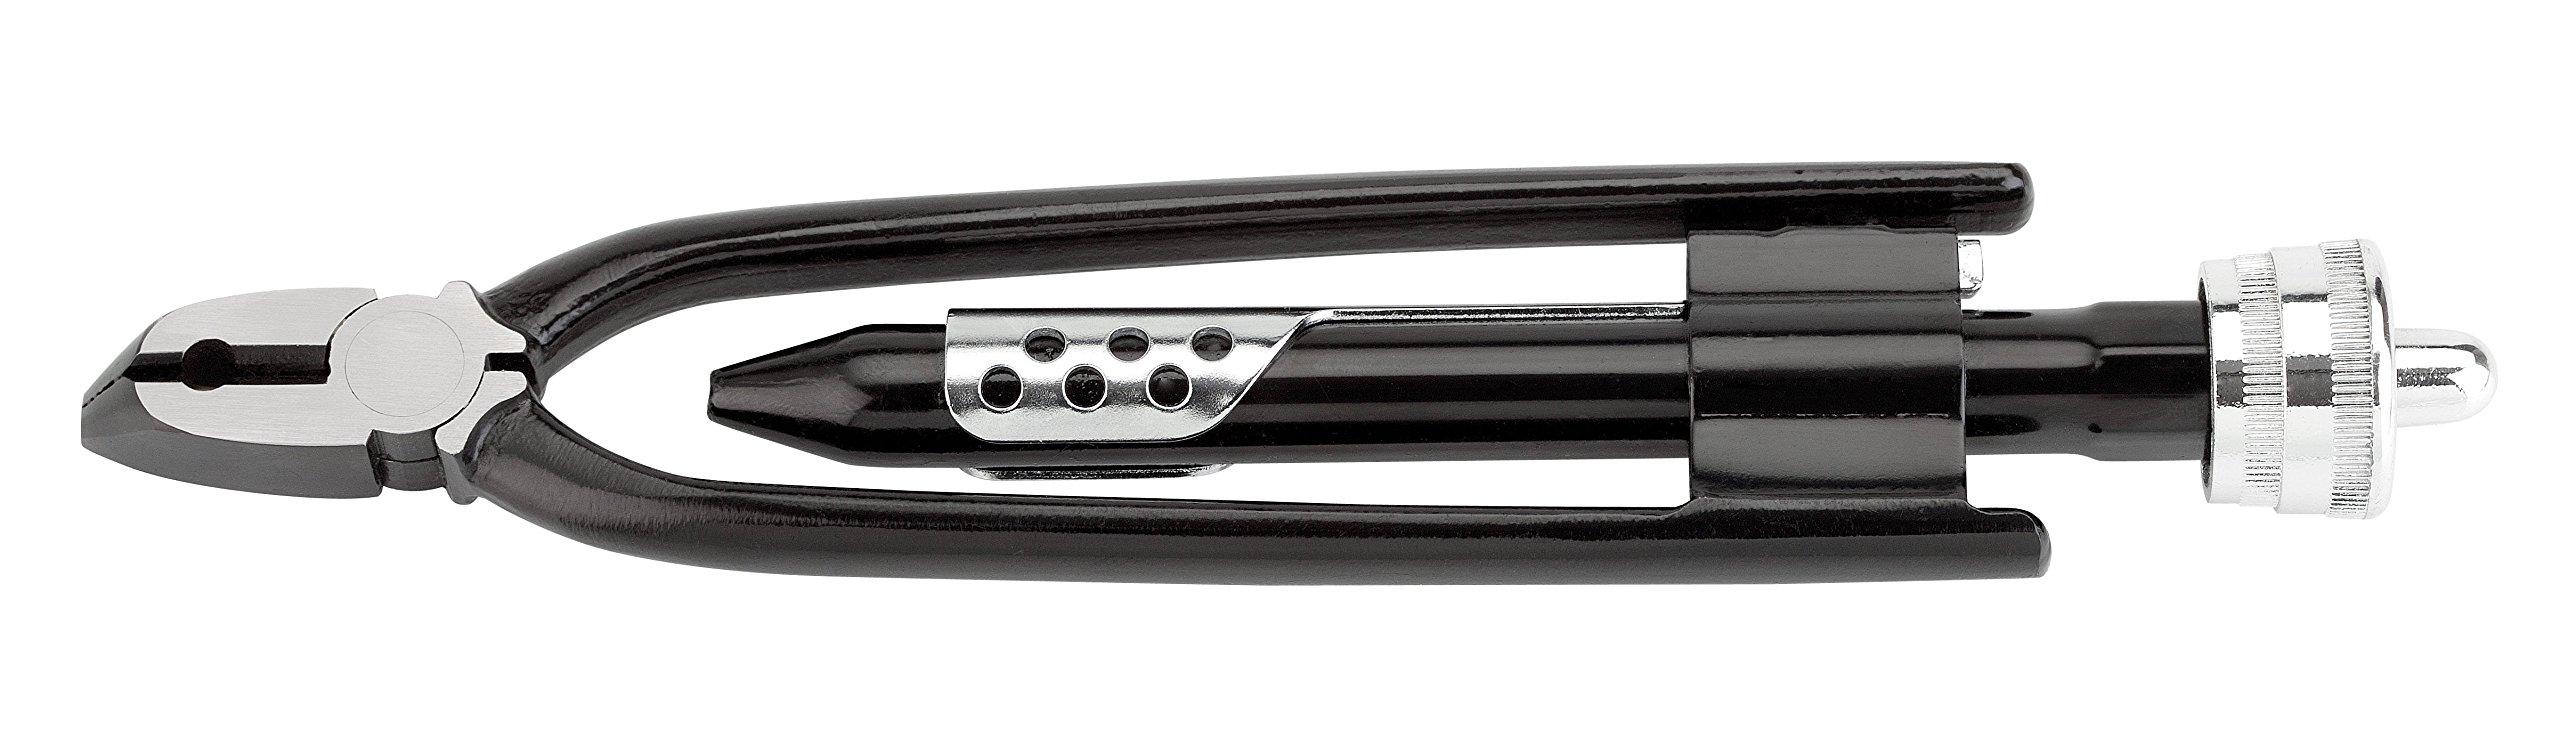 Elora 525002303000 Wire Twisting Plier 9.06''